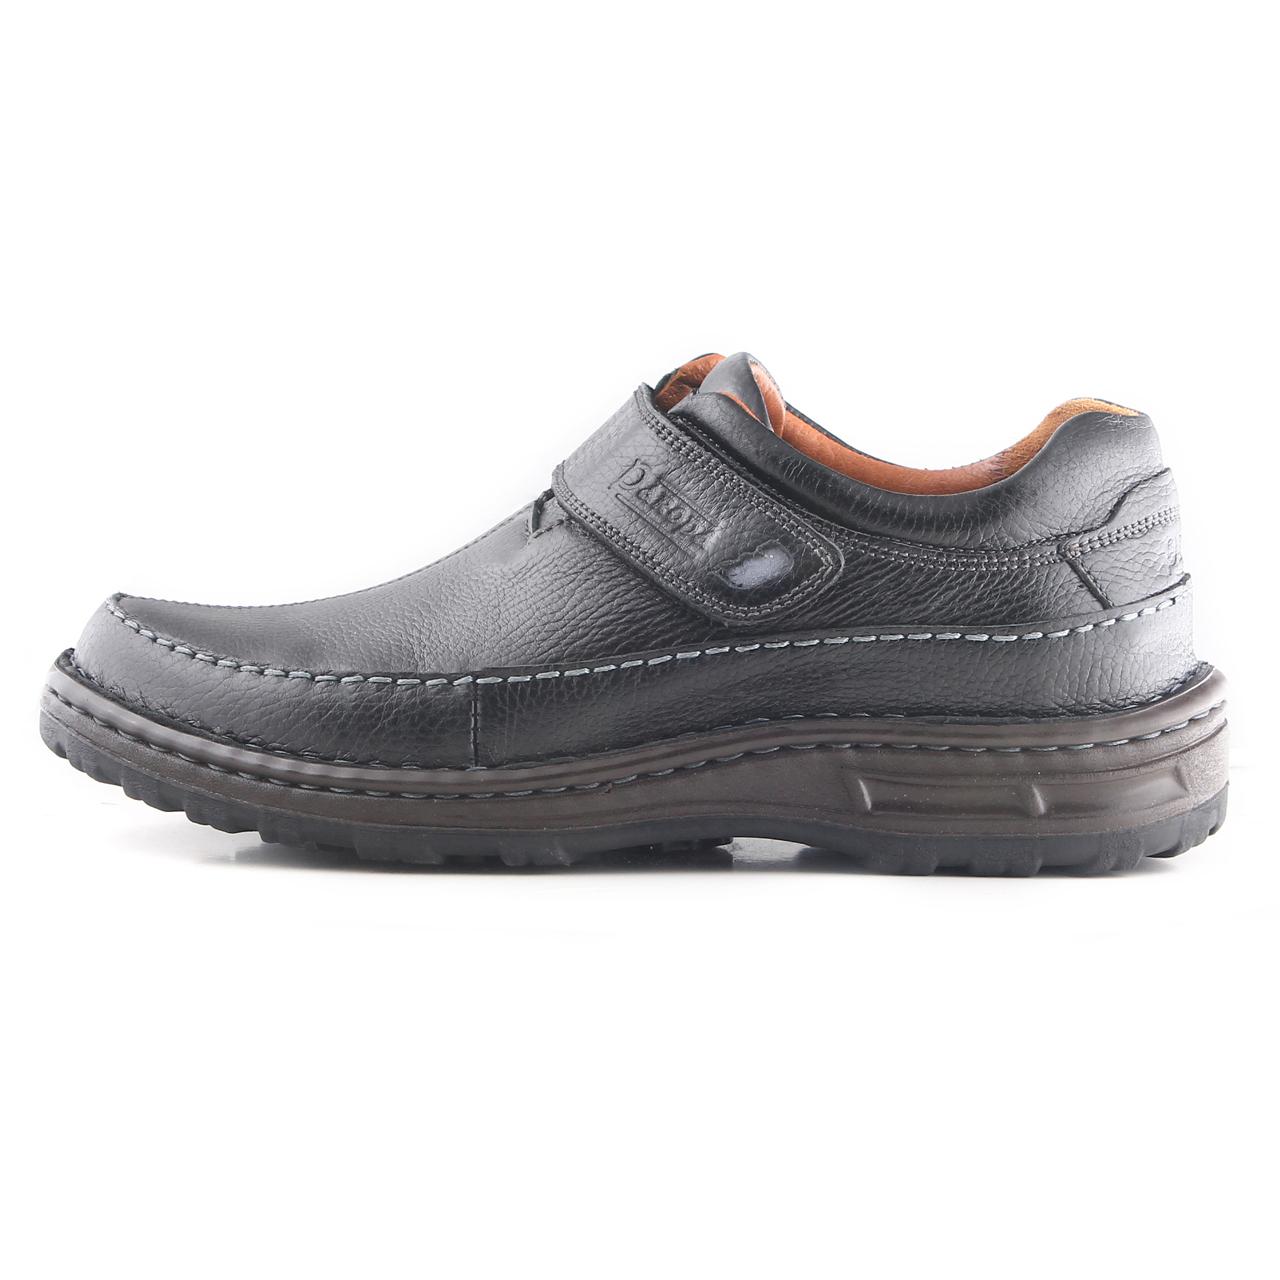 کفش مردانه پاروپا مدل لونارد کد 80312501250